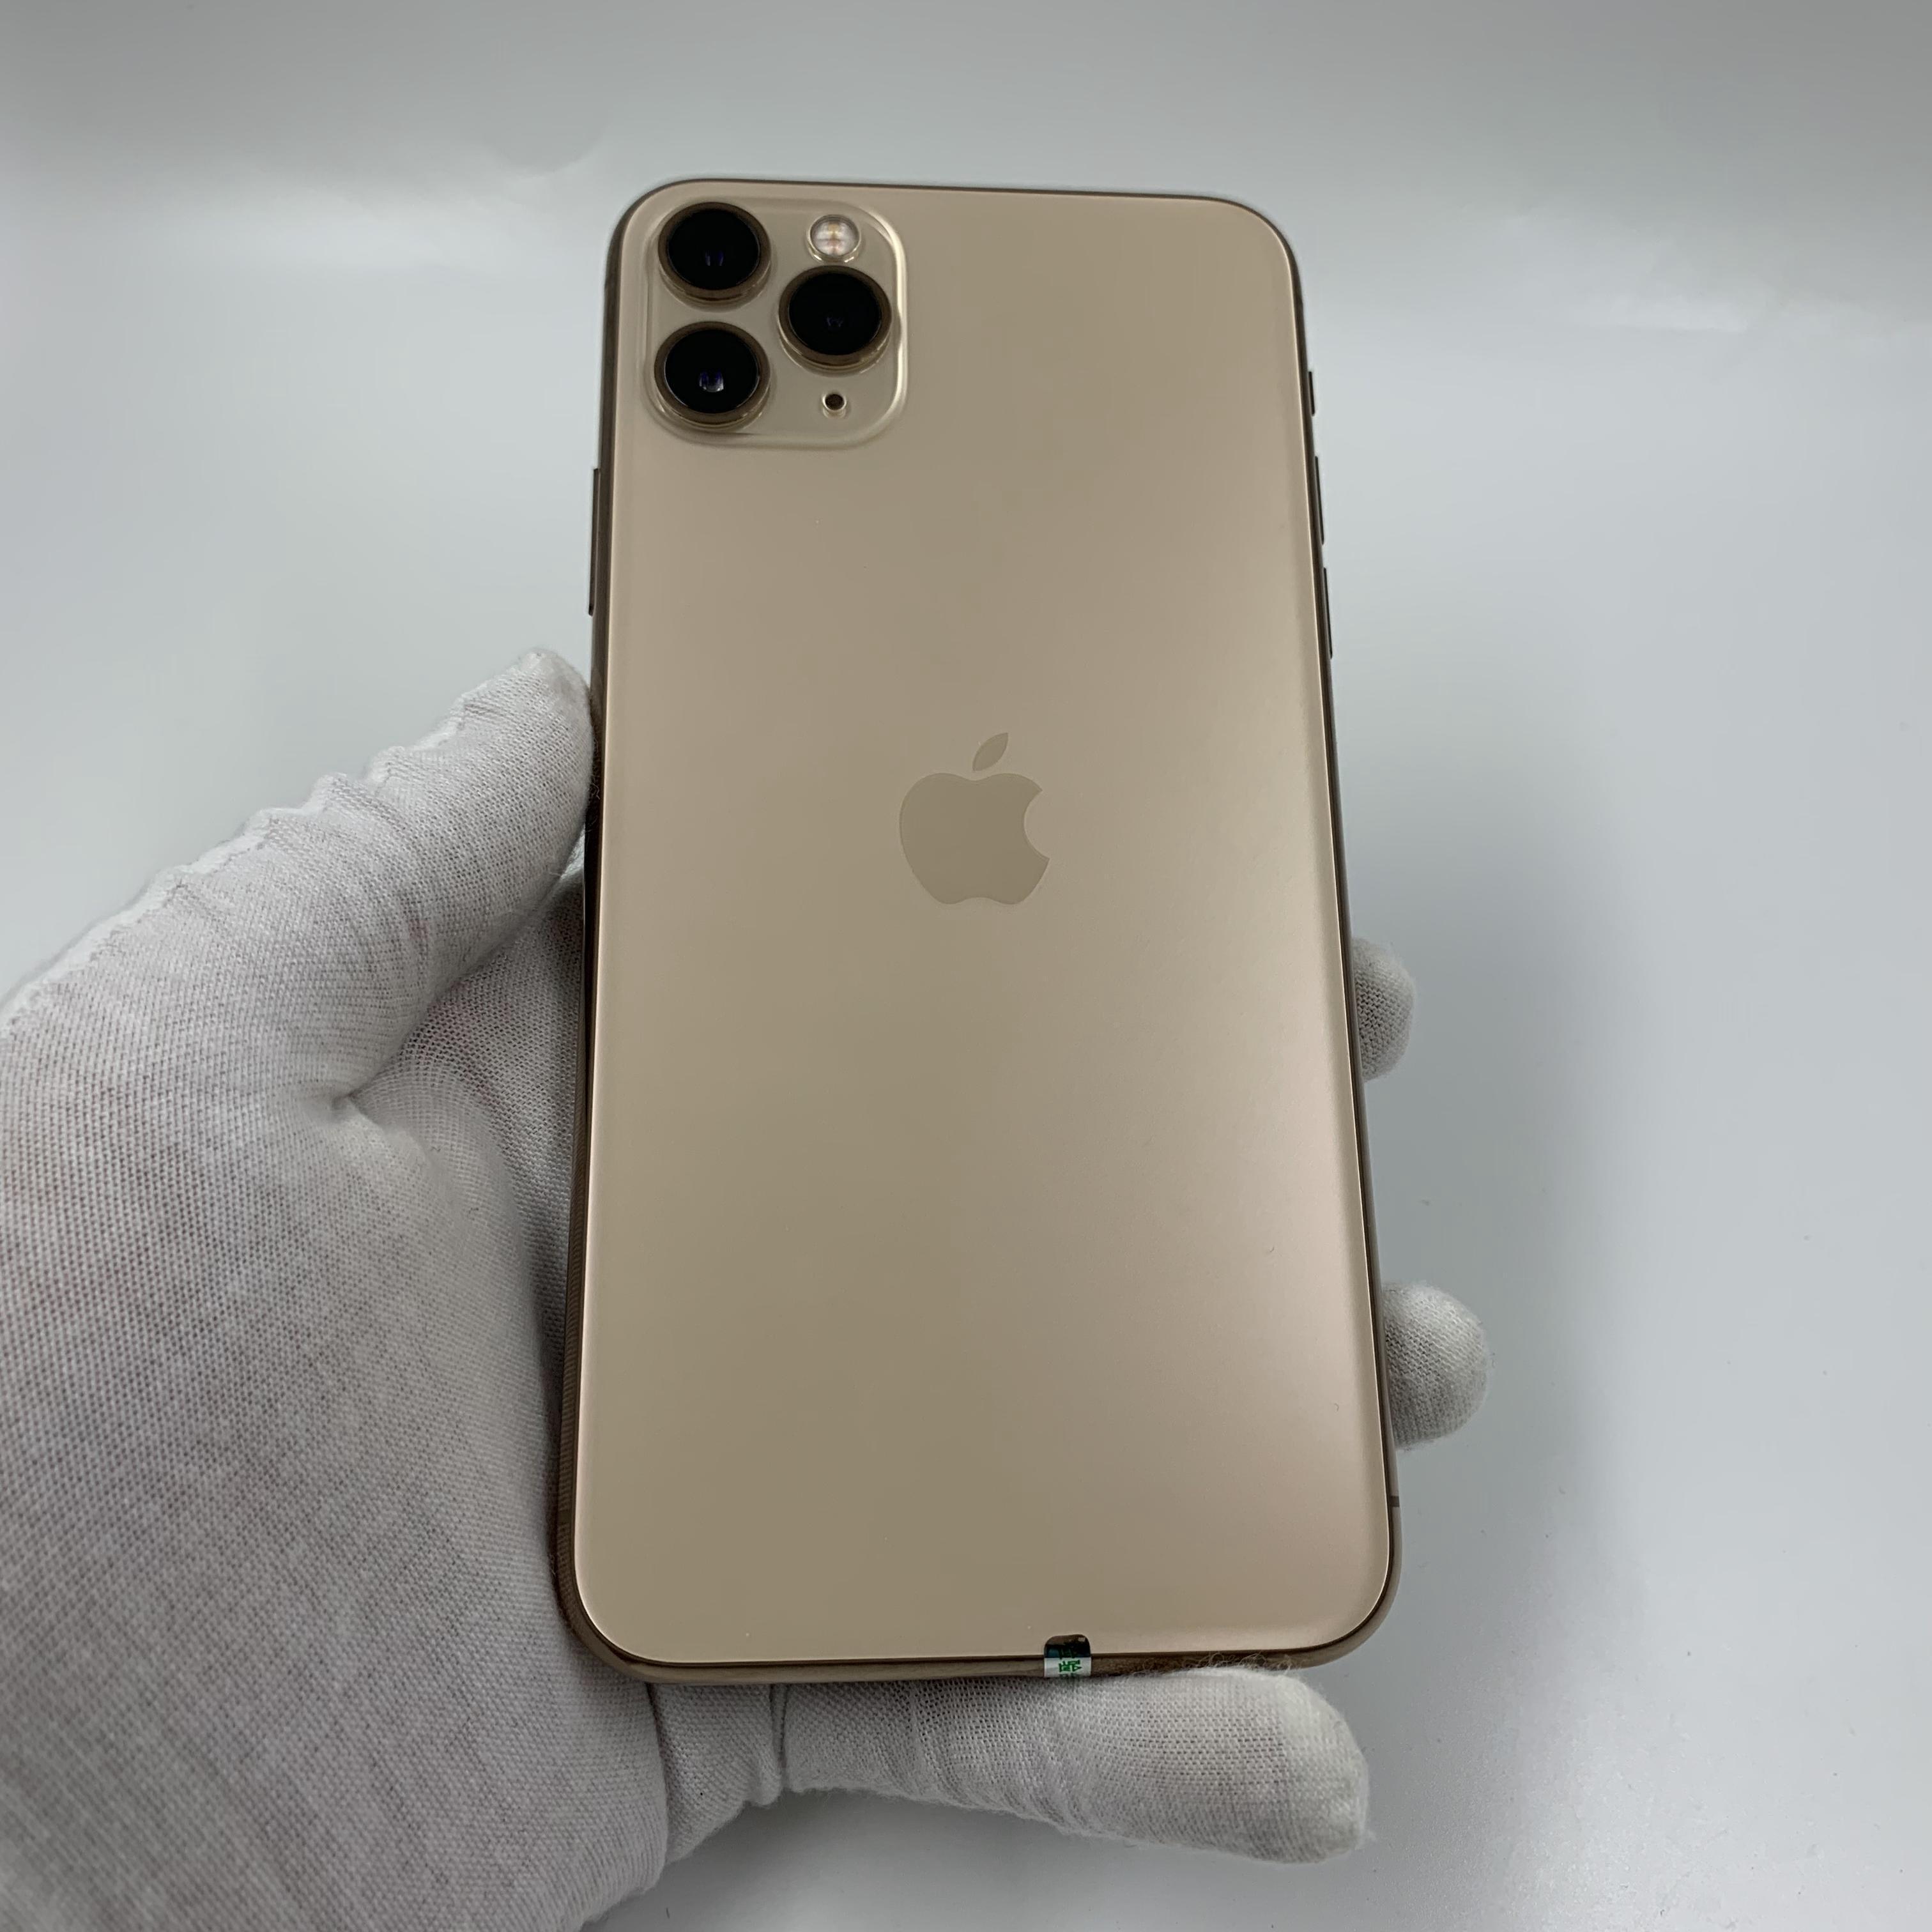 苹果【iPhone 11 Pro Max】4G全网通 金色 256G 国行 8成新 真机实拍保修2021-05-30